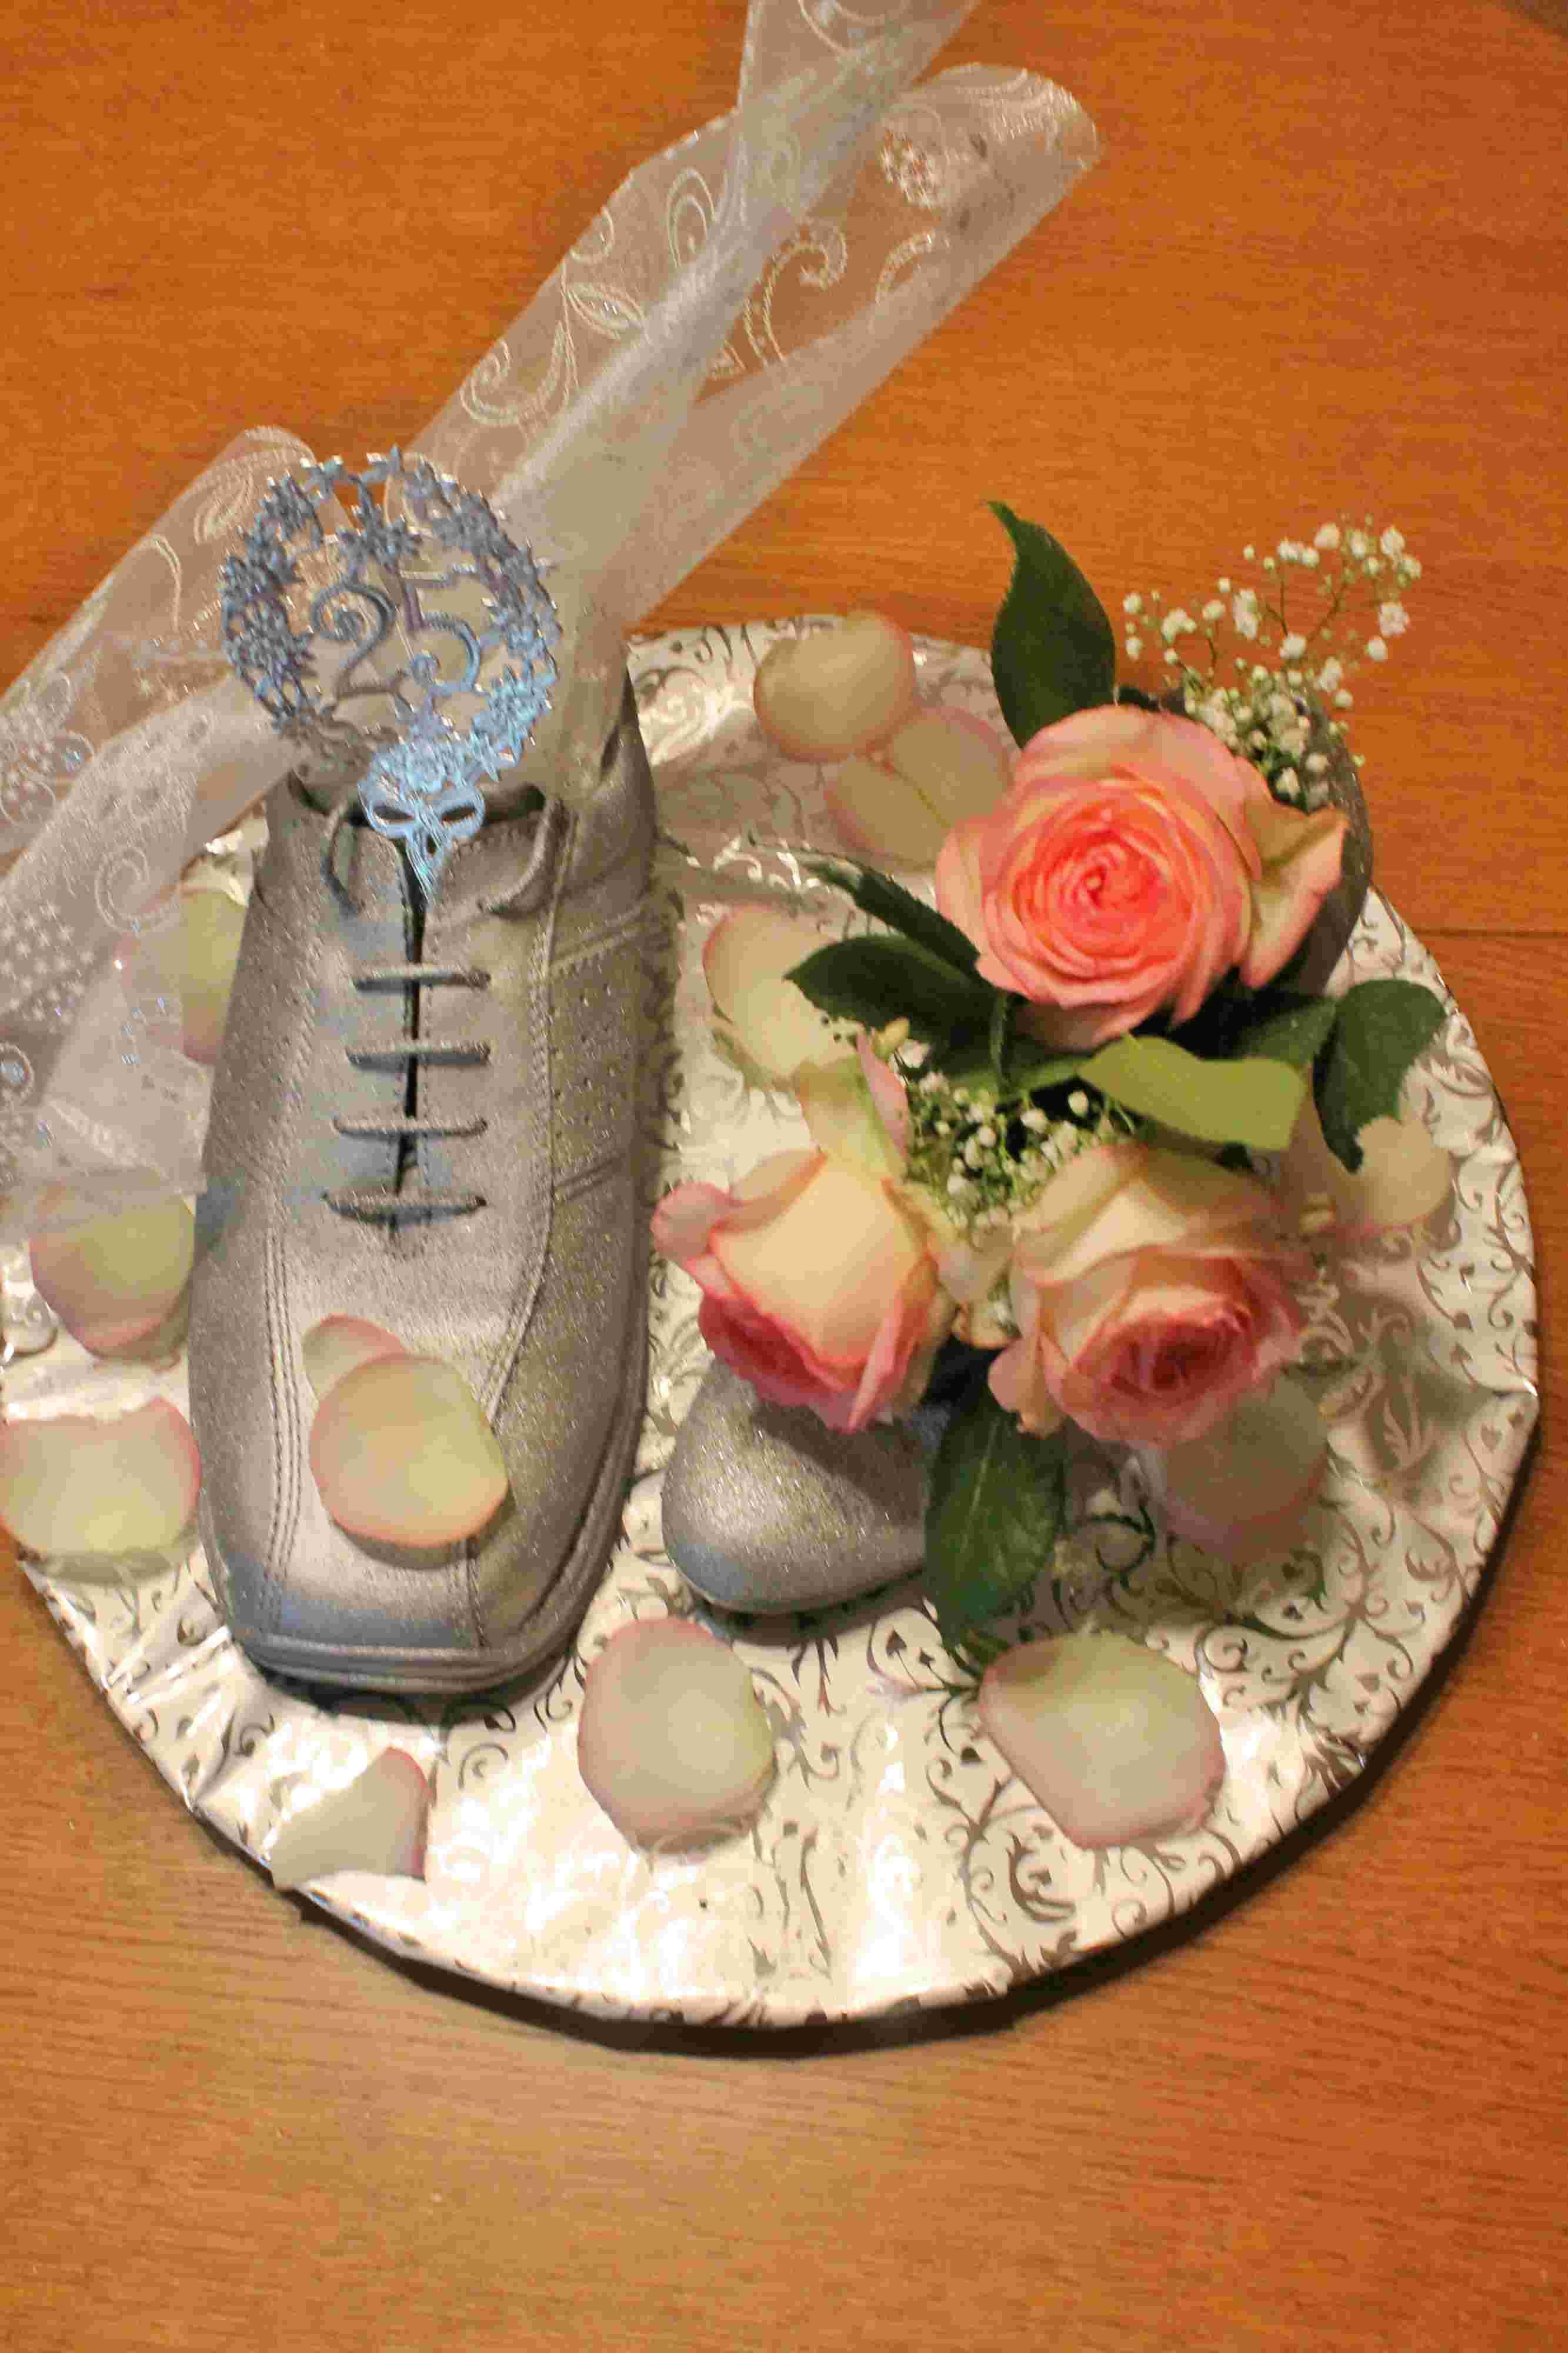 Geschenkideen Silberhochzeit Freunde  Selbst gemacht ein Geschenk zur Silberhochzeit Elas